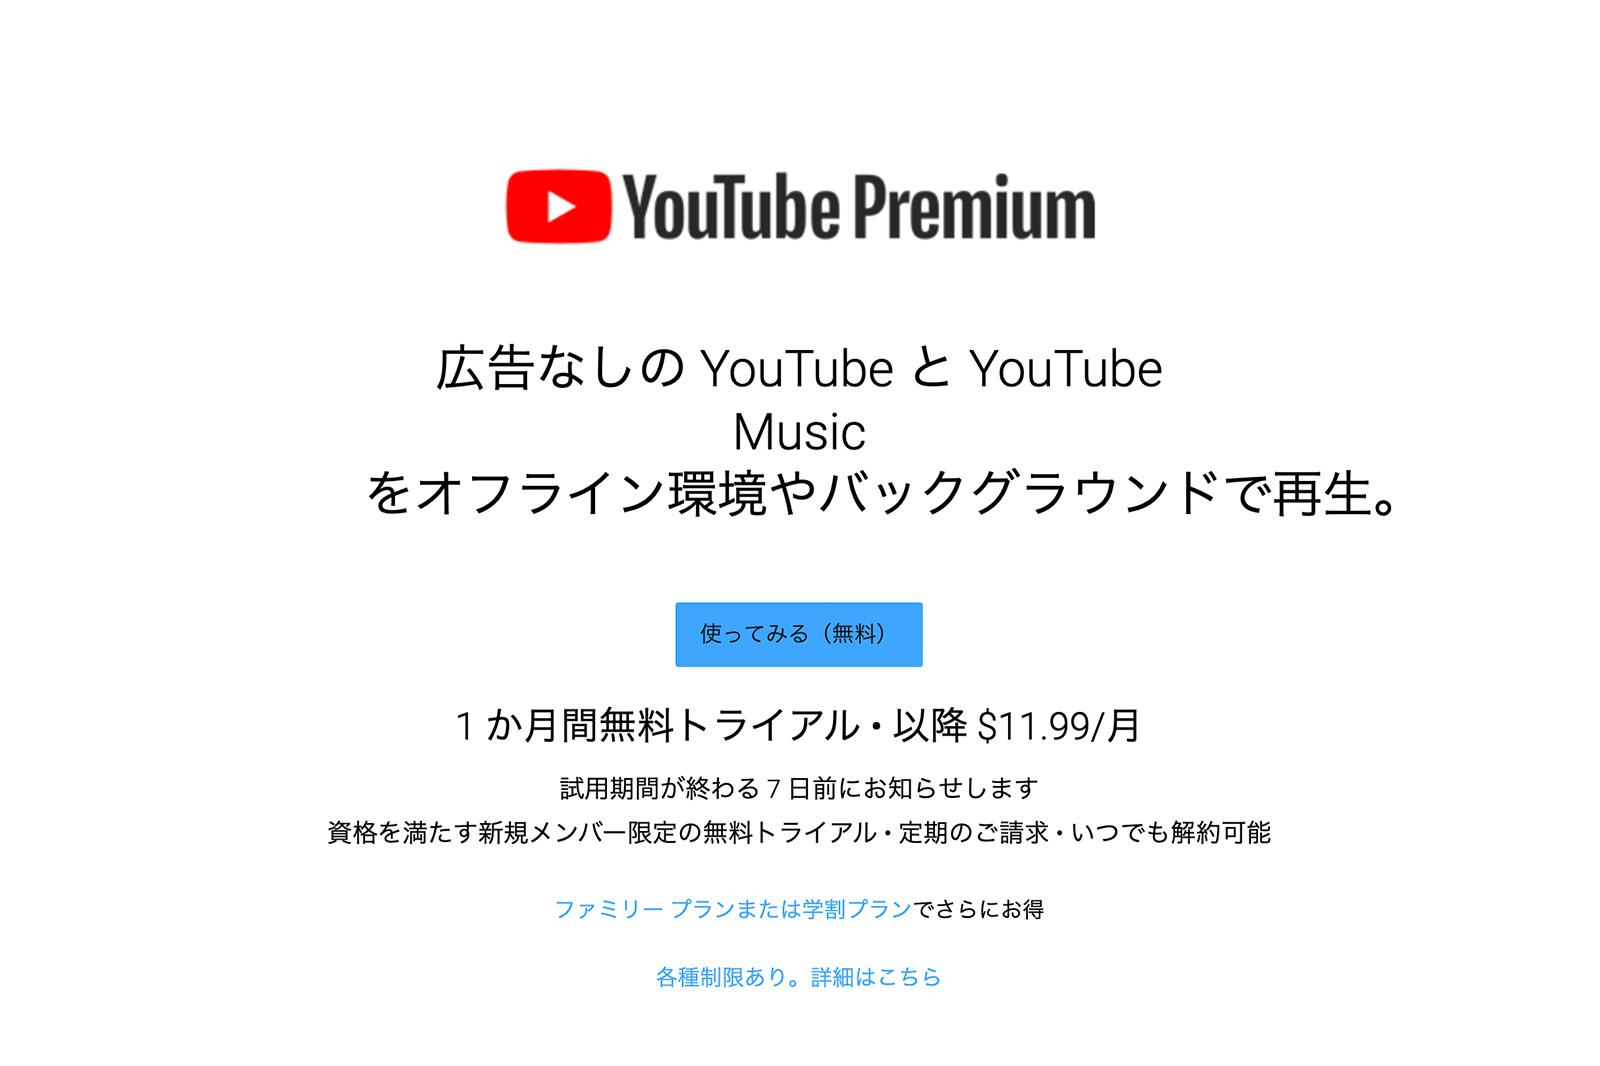 YouTube(ユーチューブ)プレミアムアメリカの価格